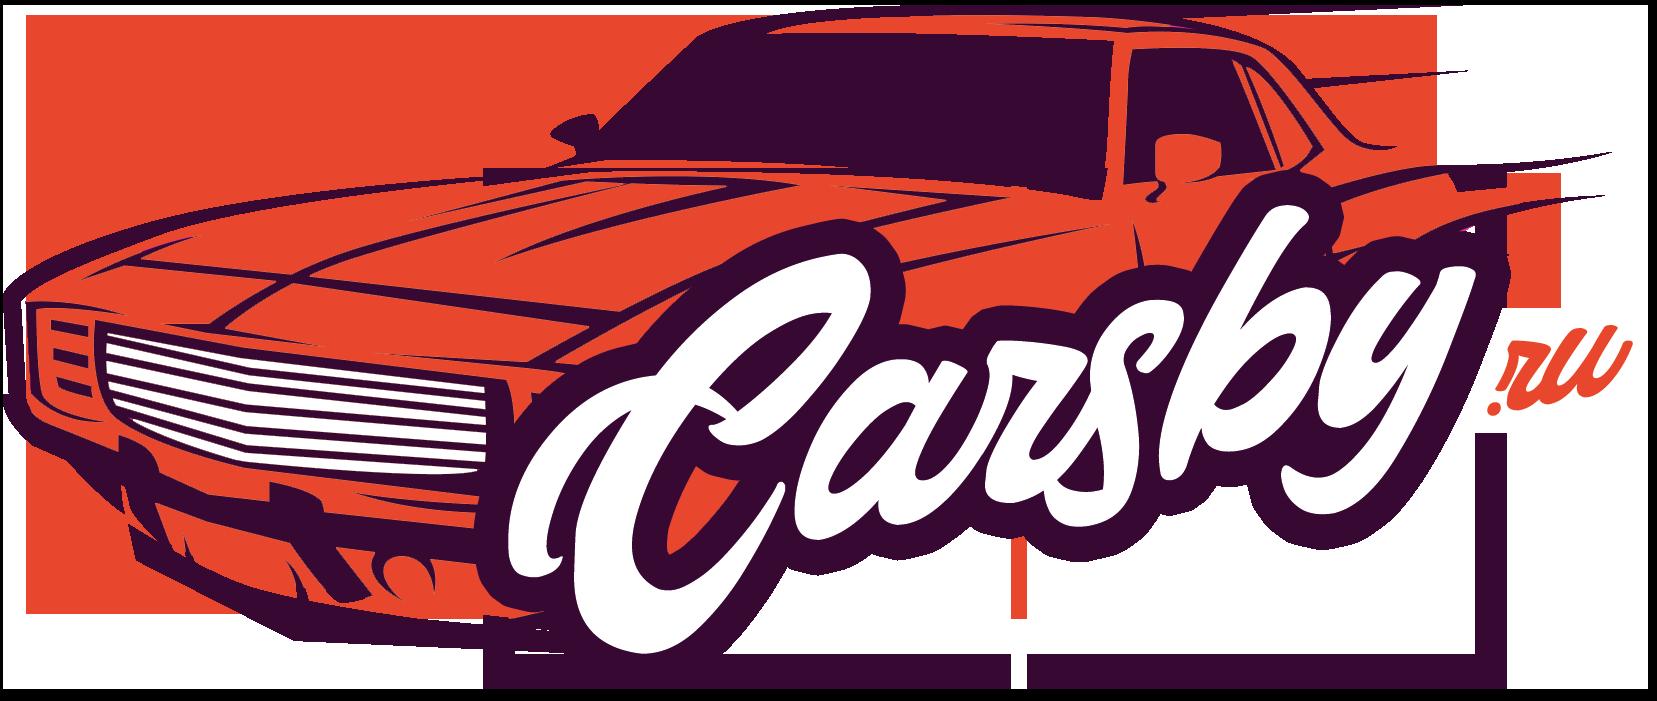 CARSBY — Автомобильный тюнинг и детали для ВАЗ и Иномарок